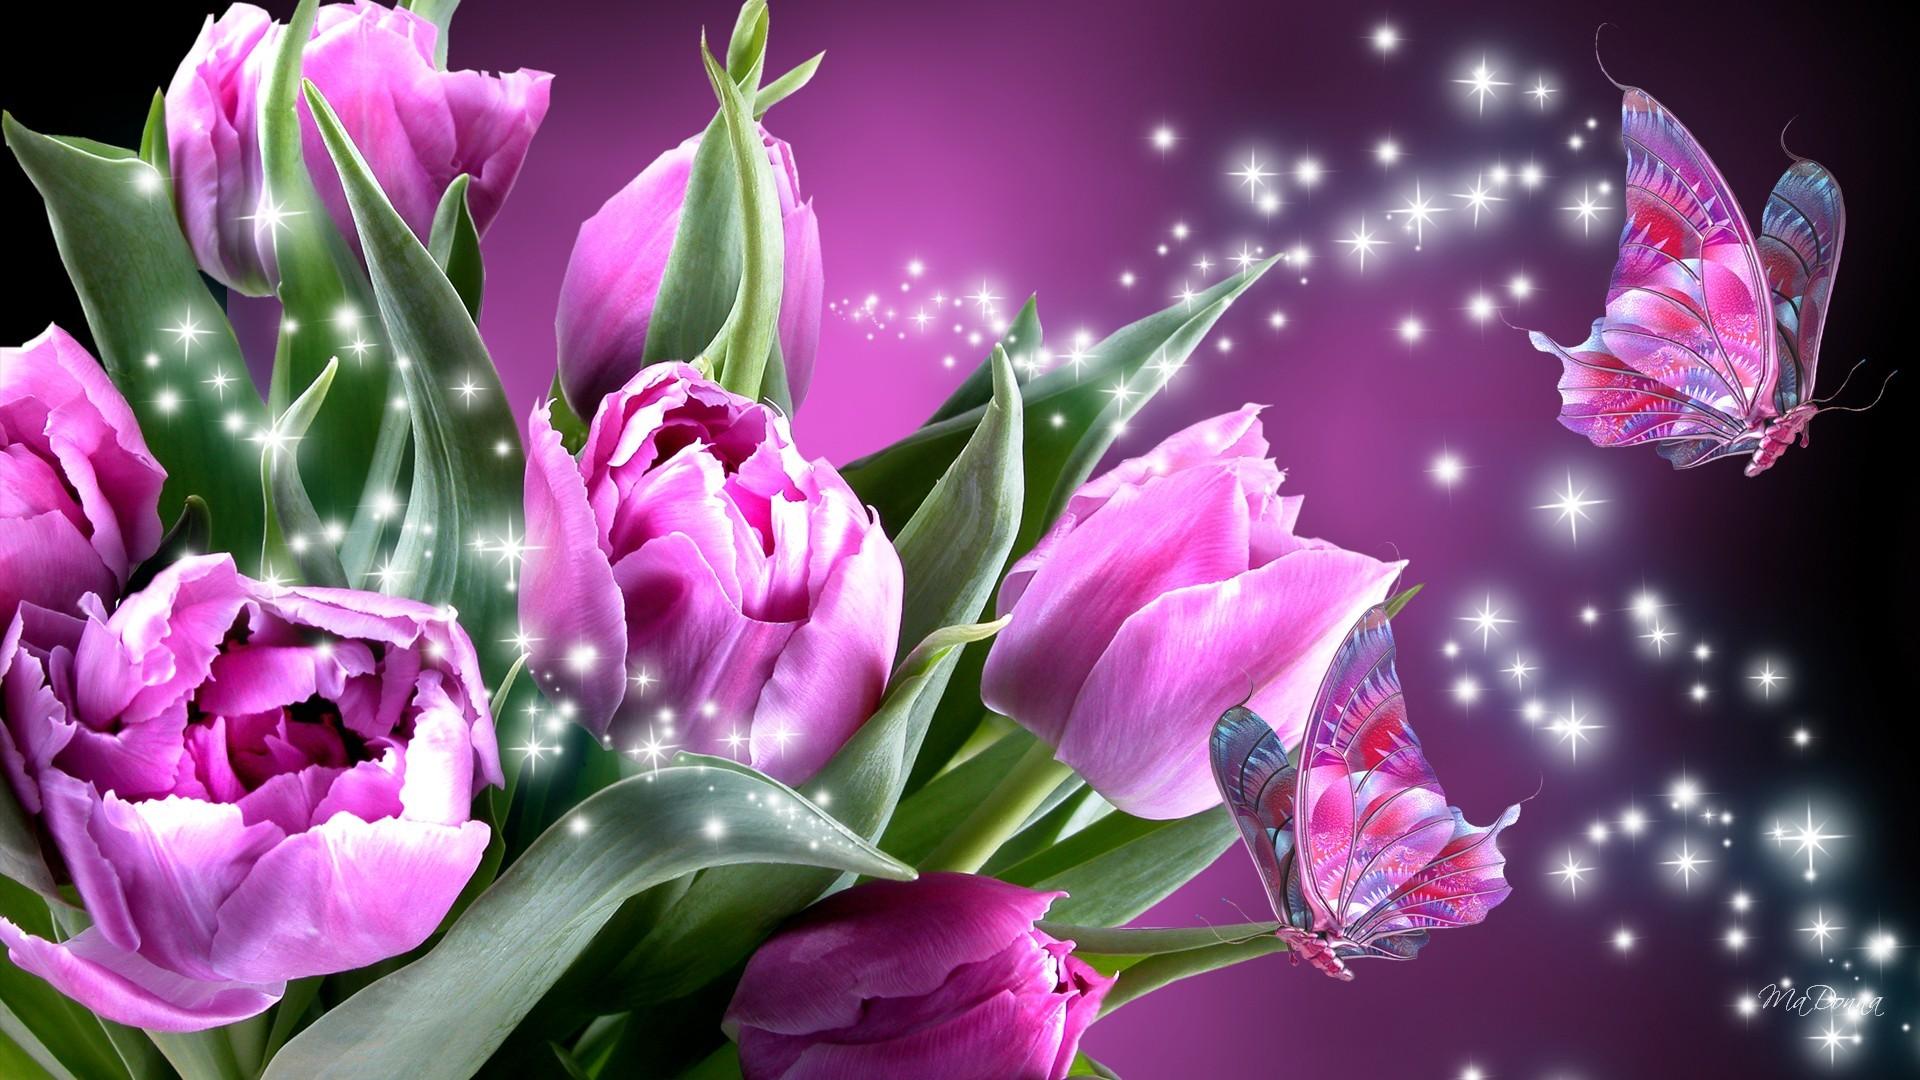 HD Romance Of Pink Butterflies Wallpaper